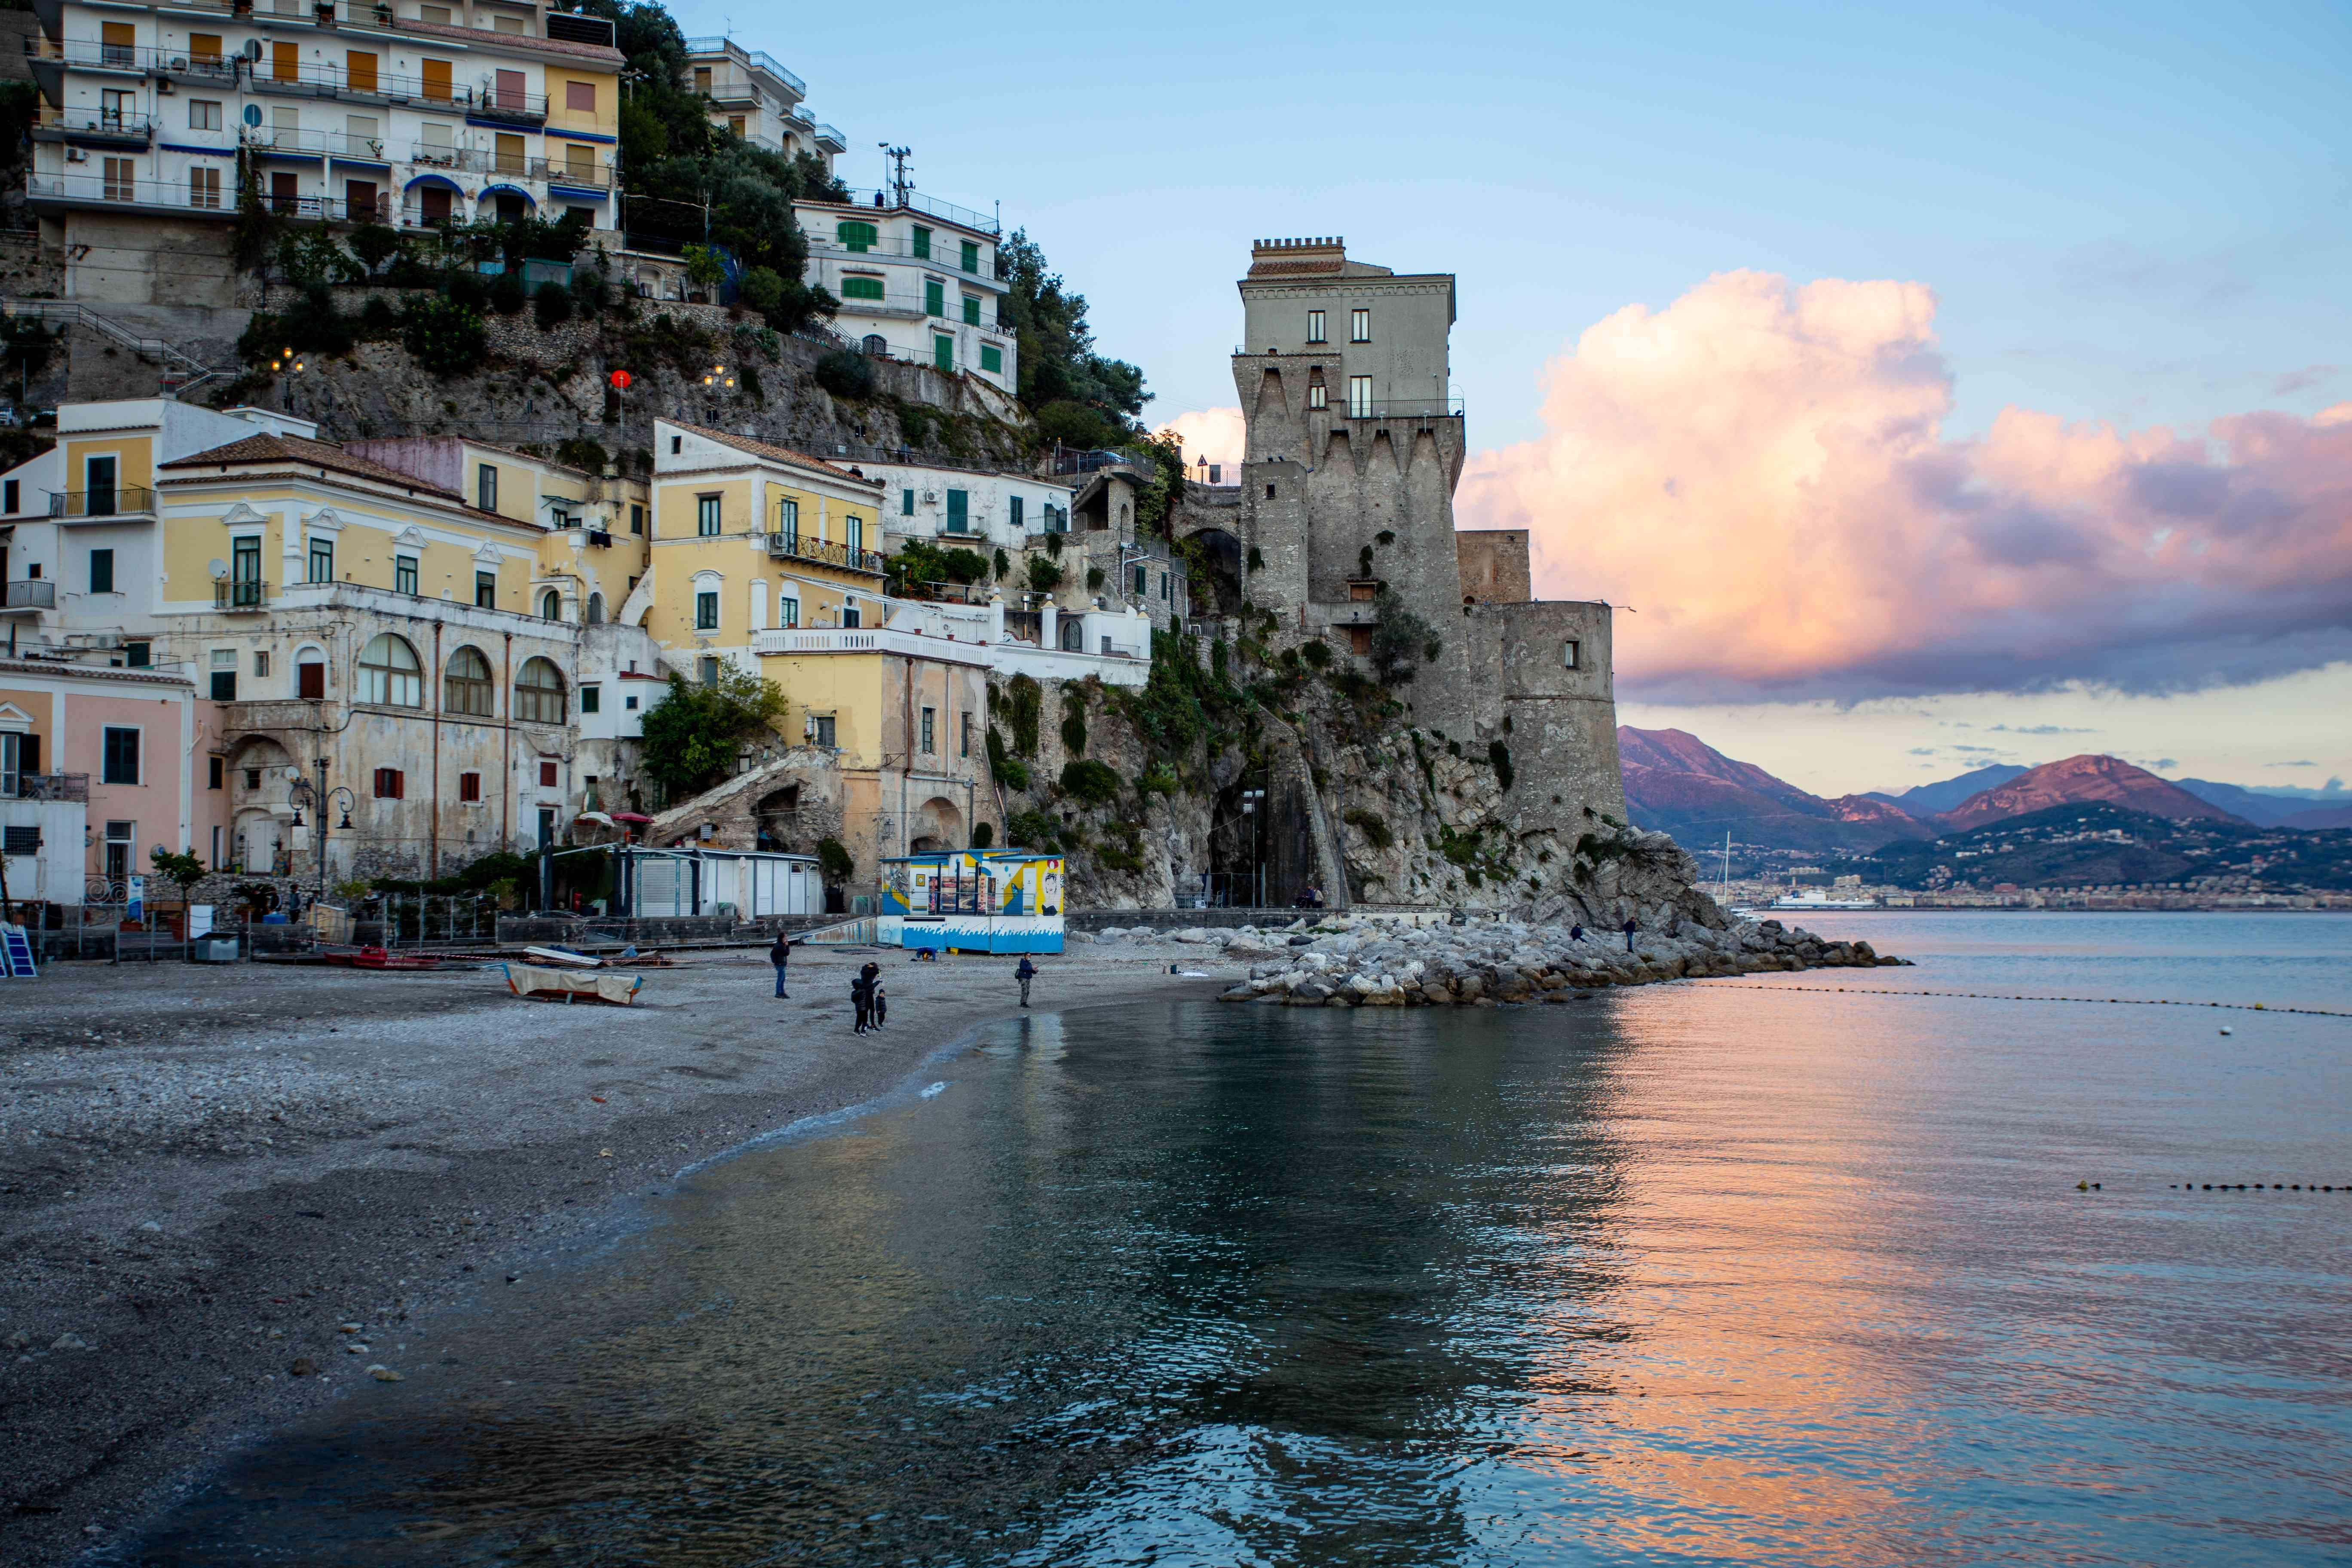 Cetara Beach in Amalfi